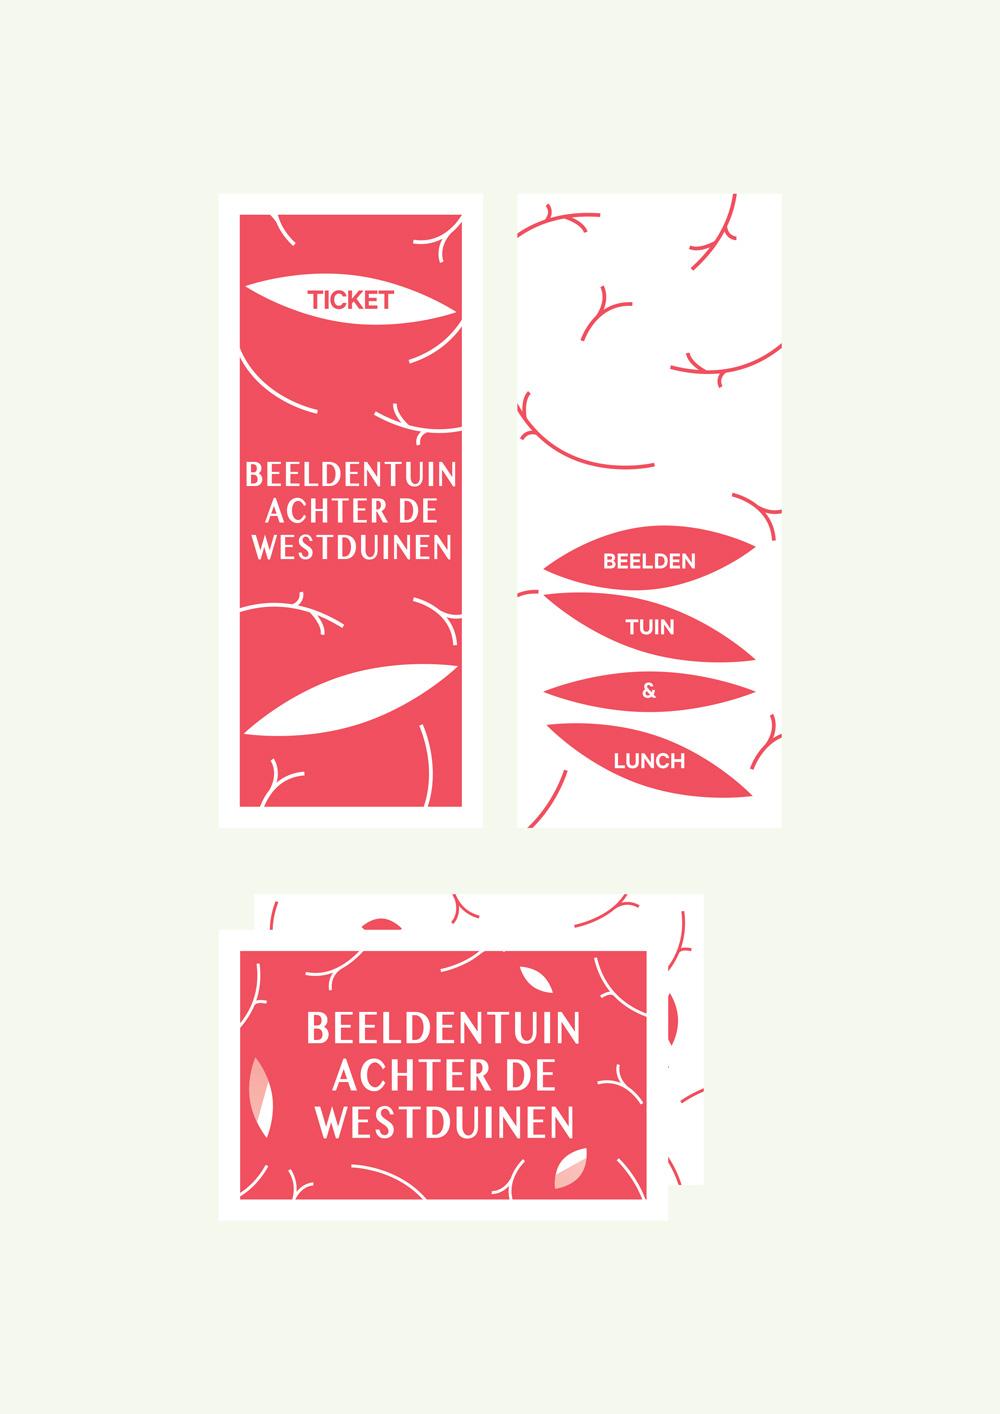 Timon-van-der-Hijden-ADW1